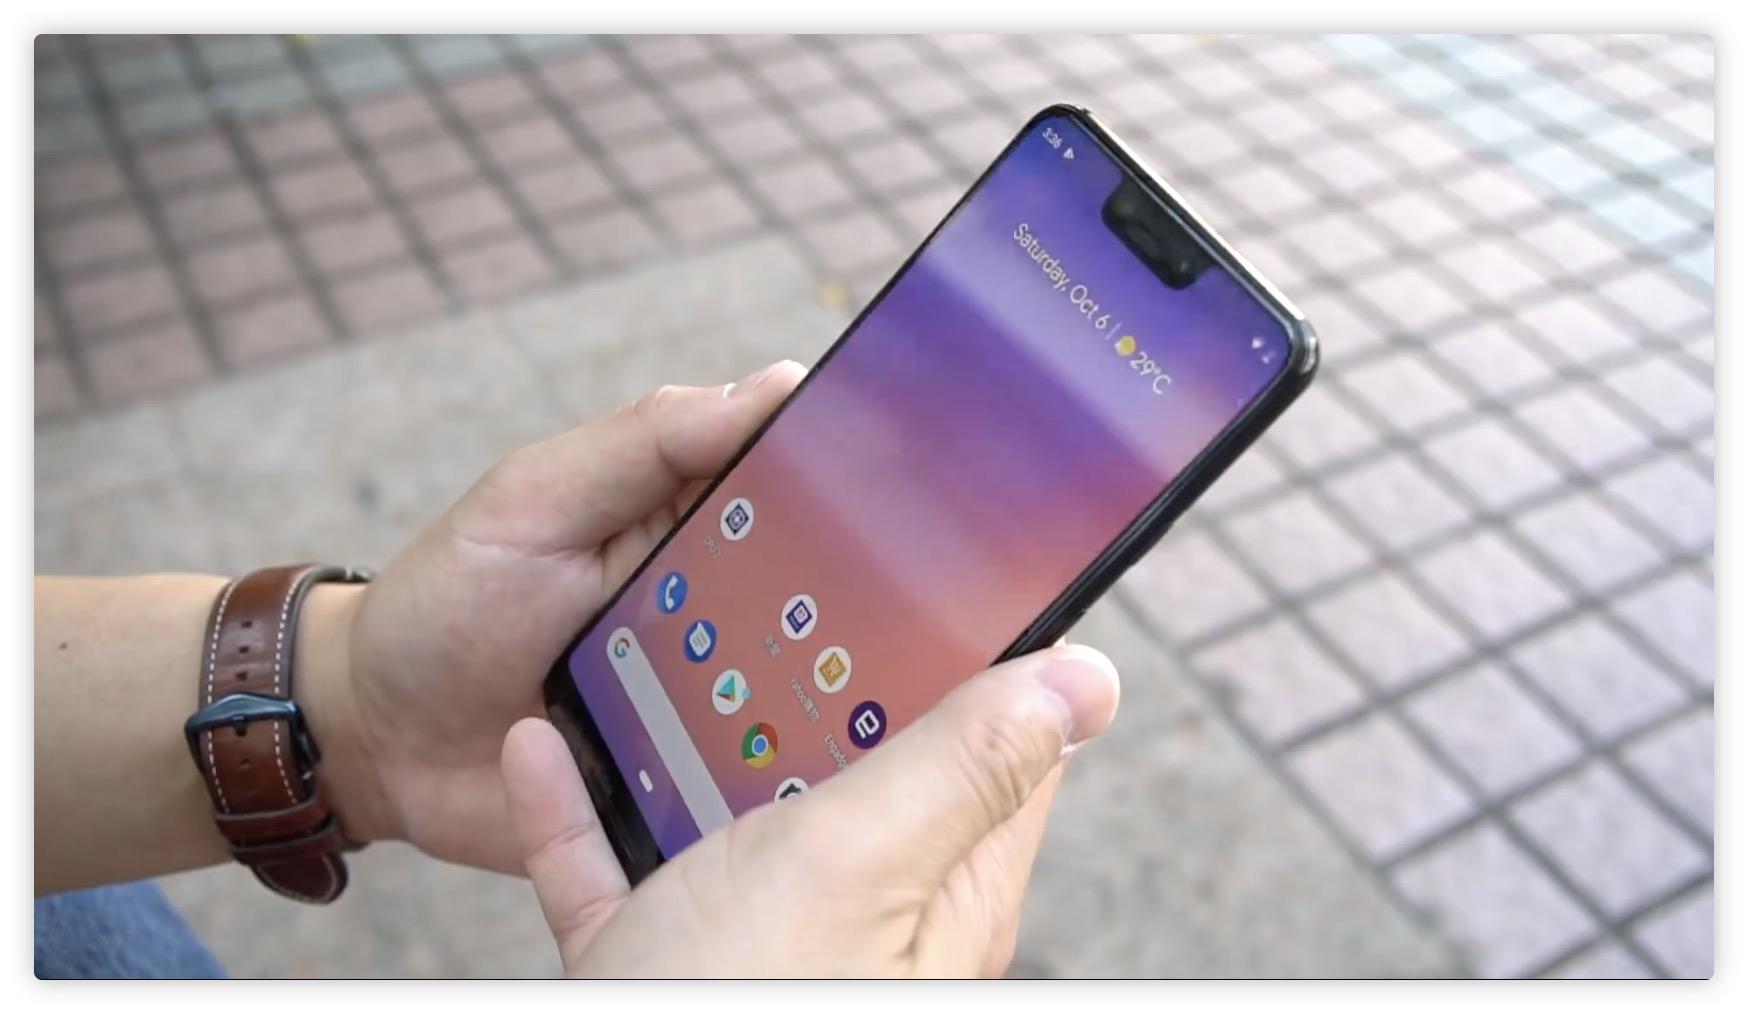 Le nouveau smartphone Pixel 3 de Google en vente avant-même son annonce officielle 1